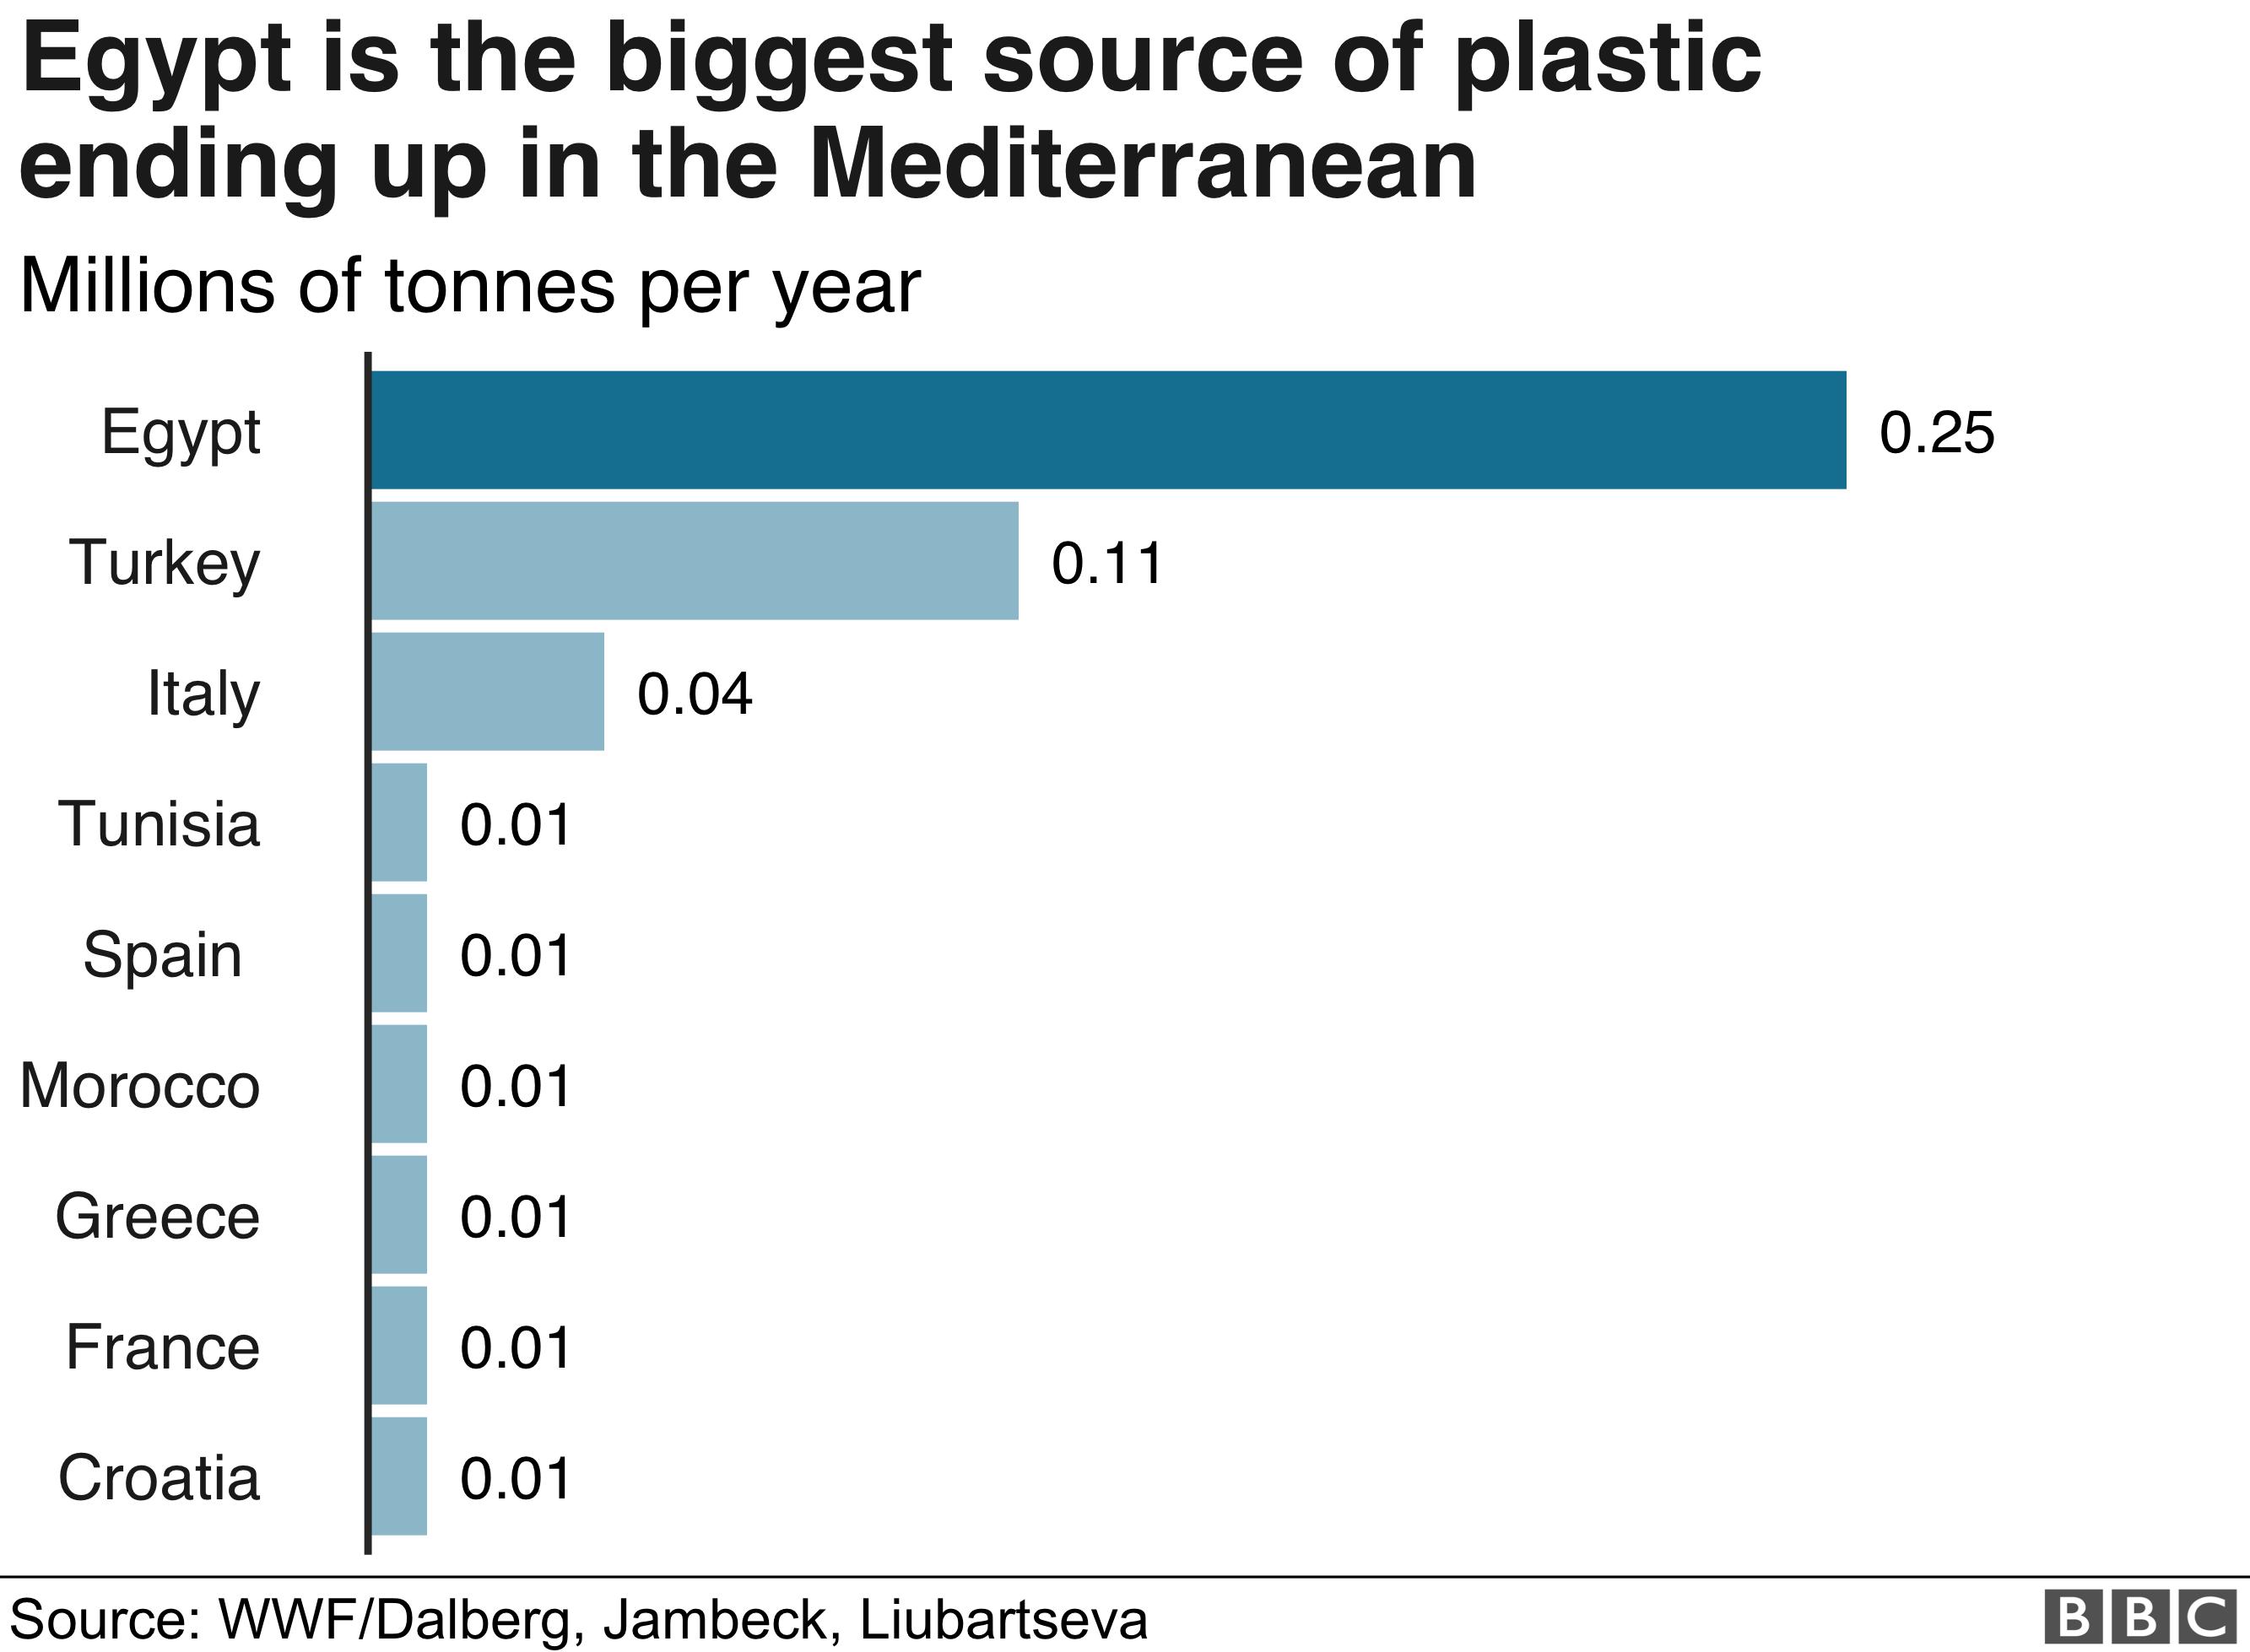 Mediterranean plastic pollution hotspots highlighted in